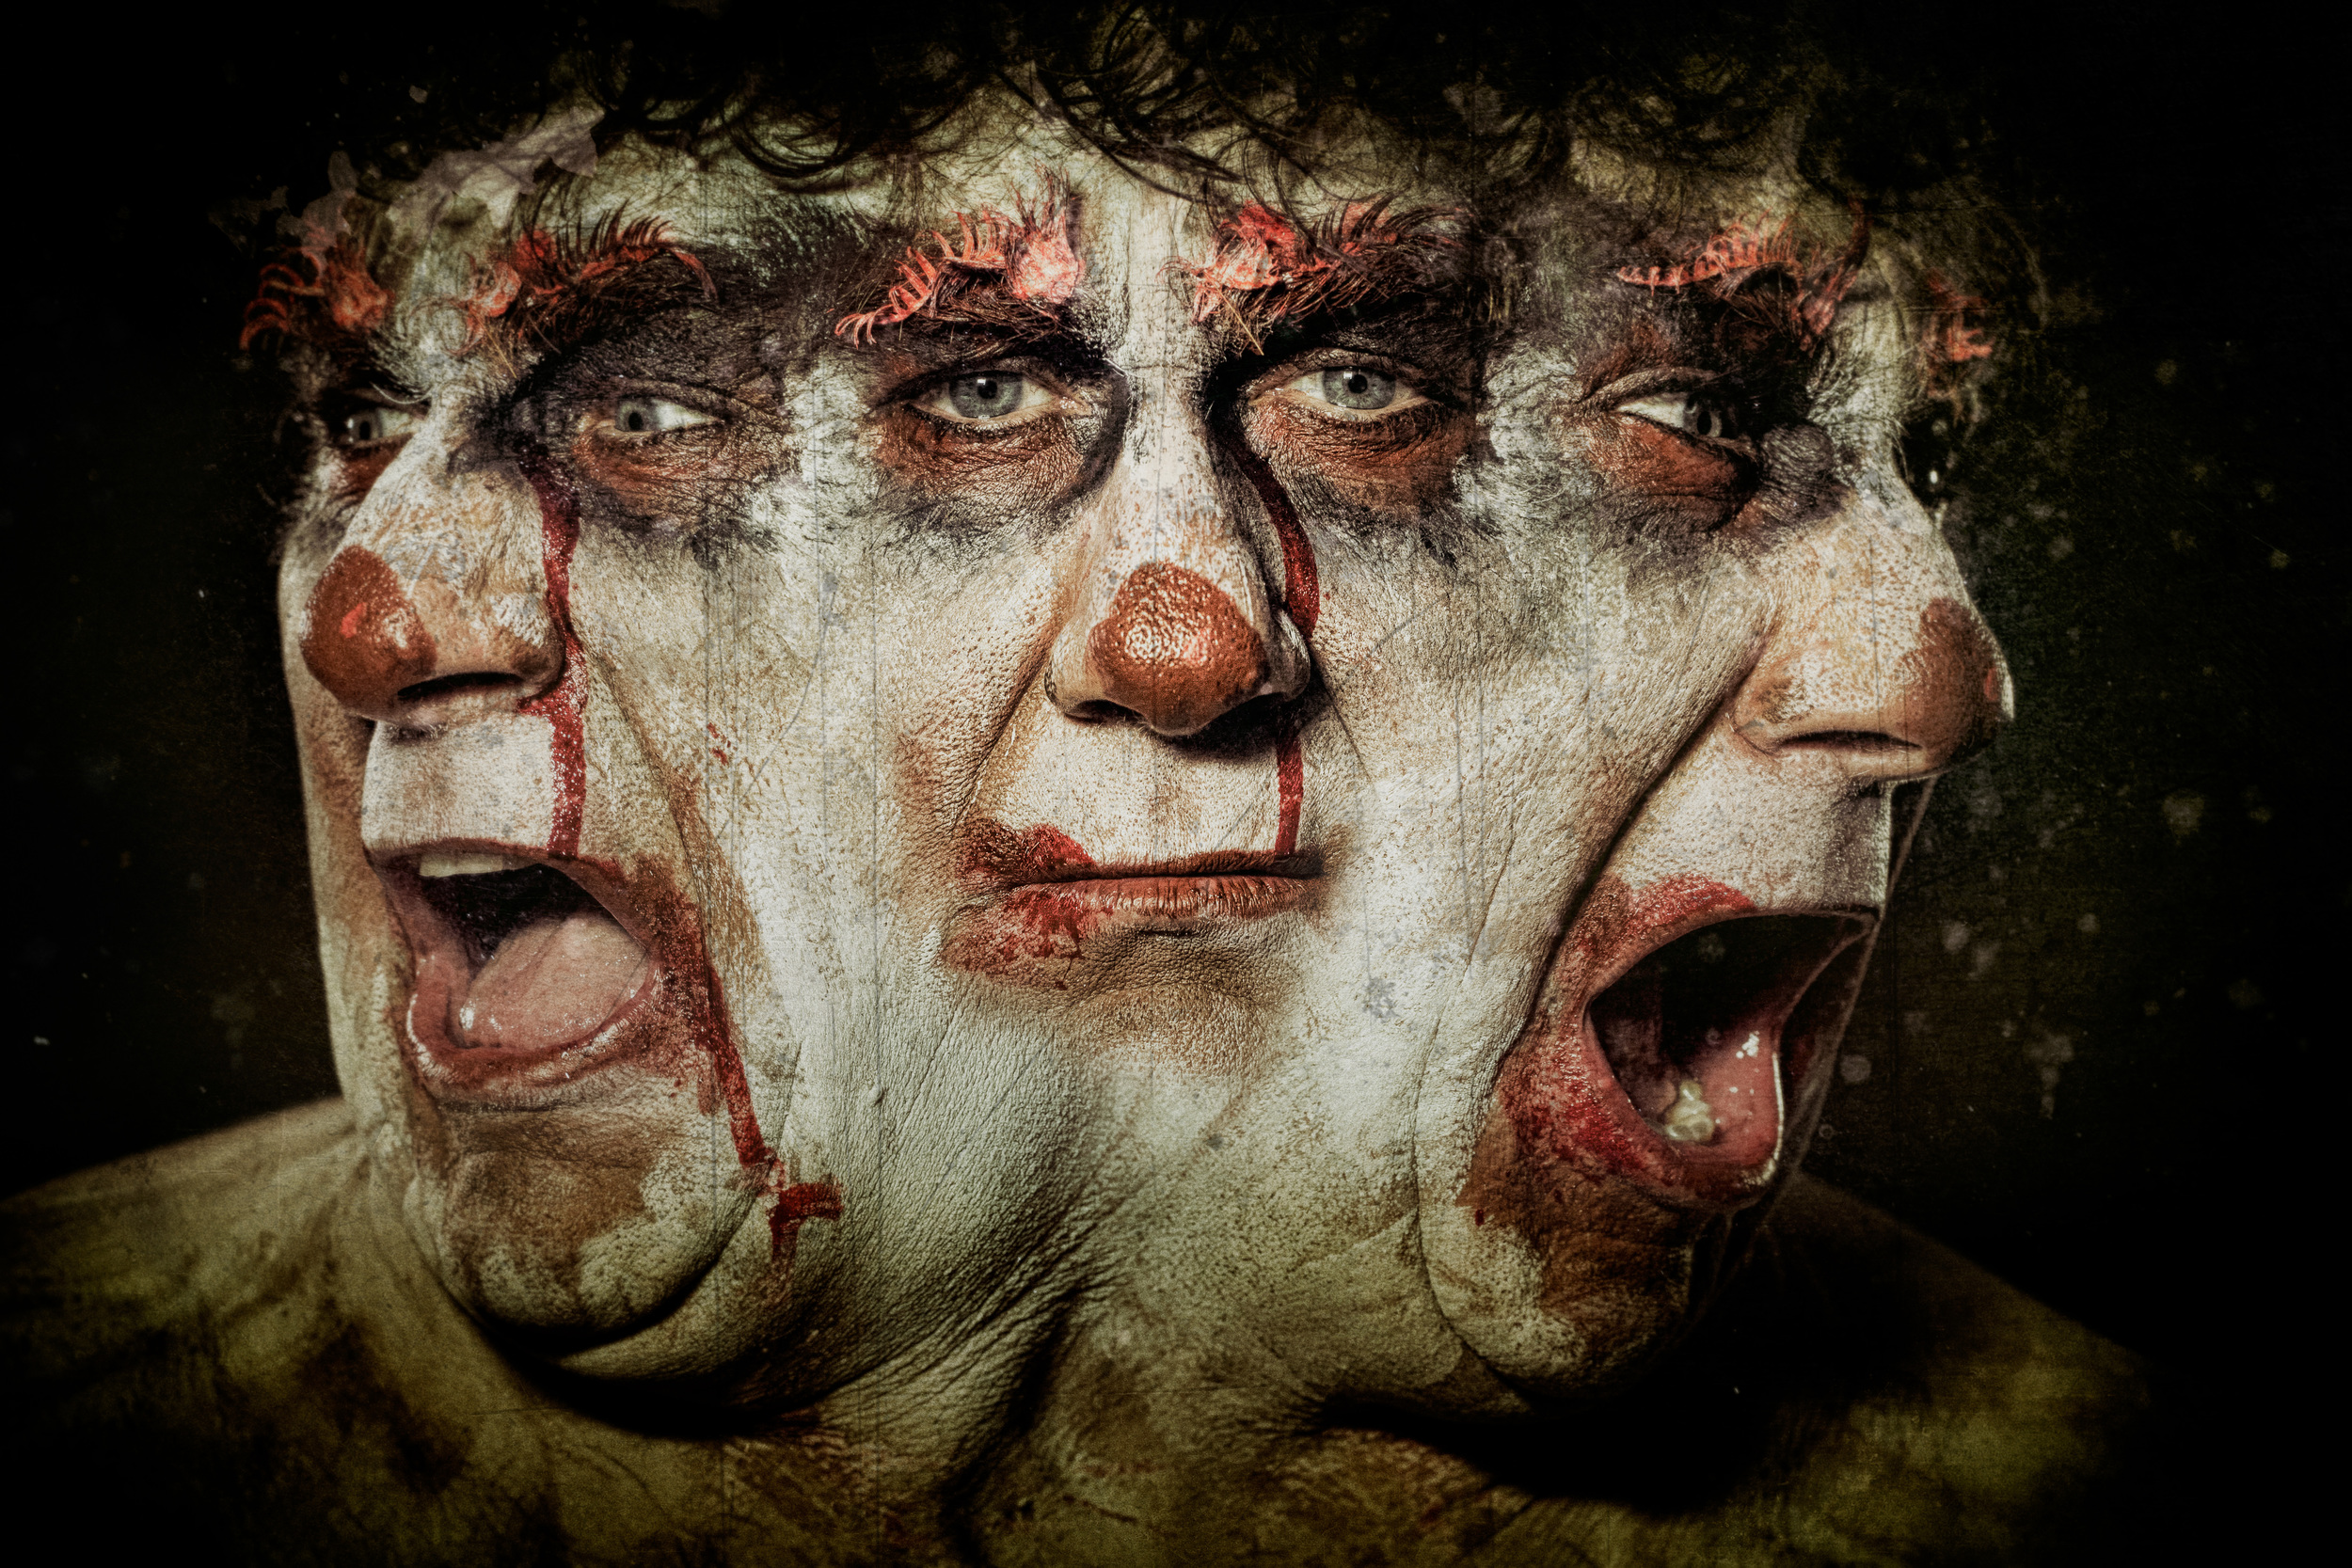 Clownville series: Larible